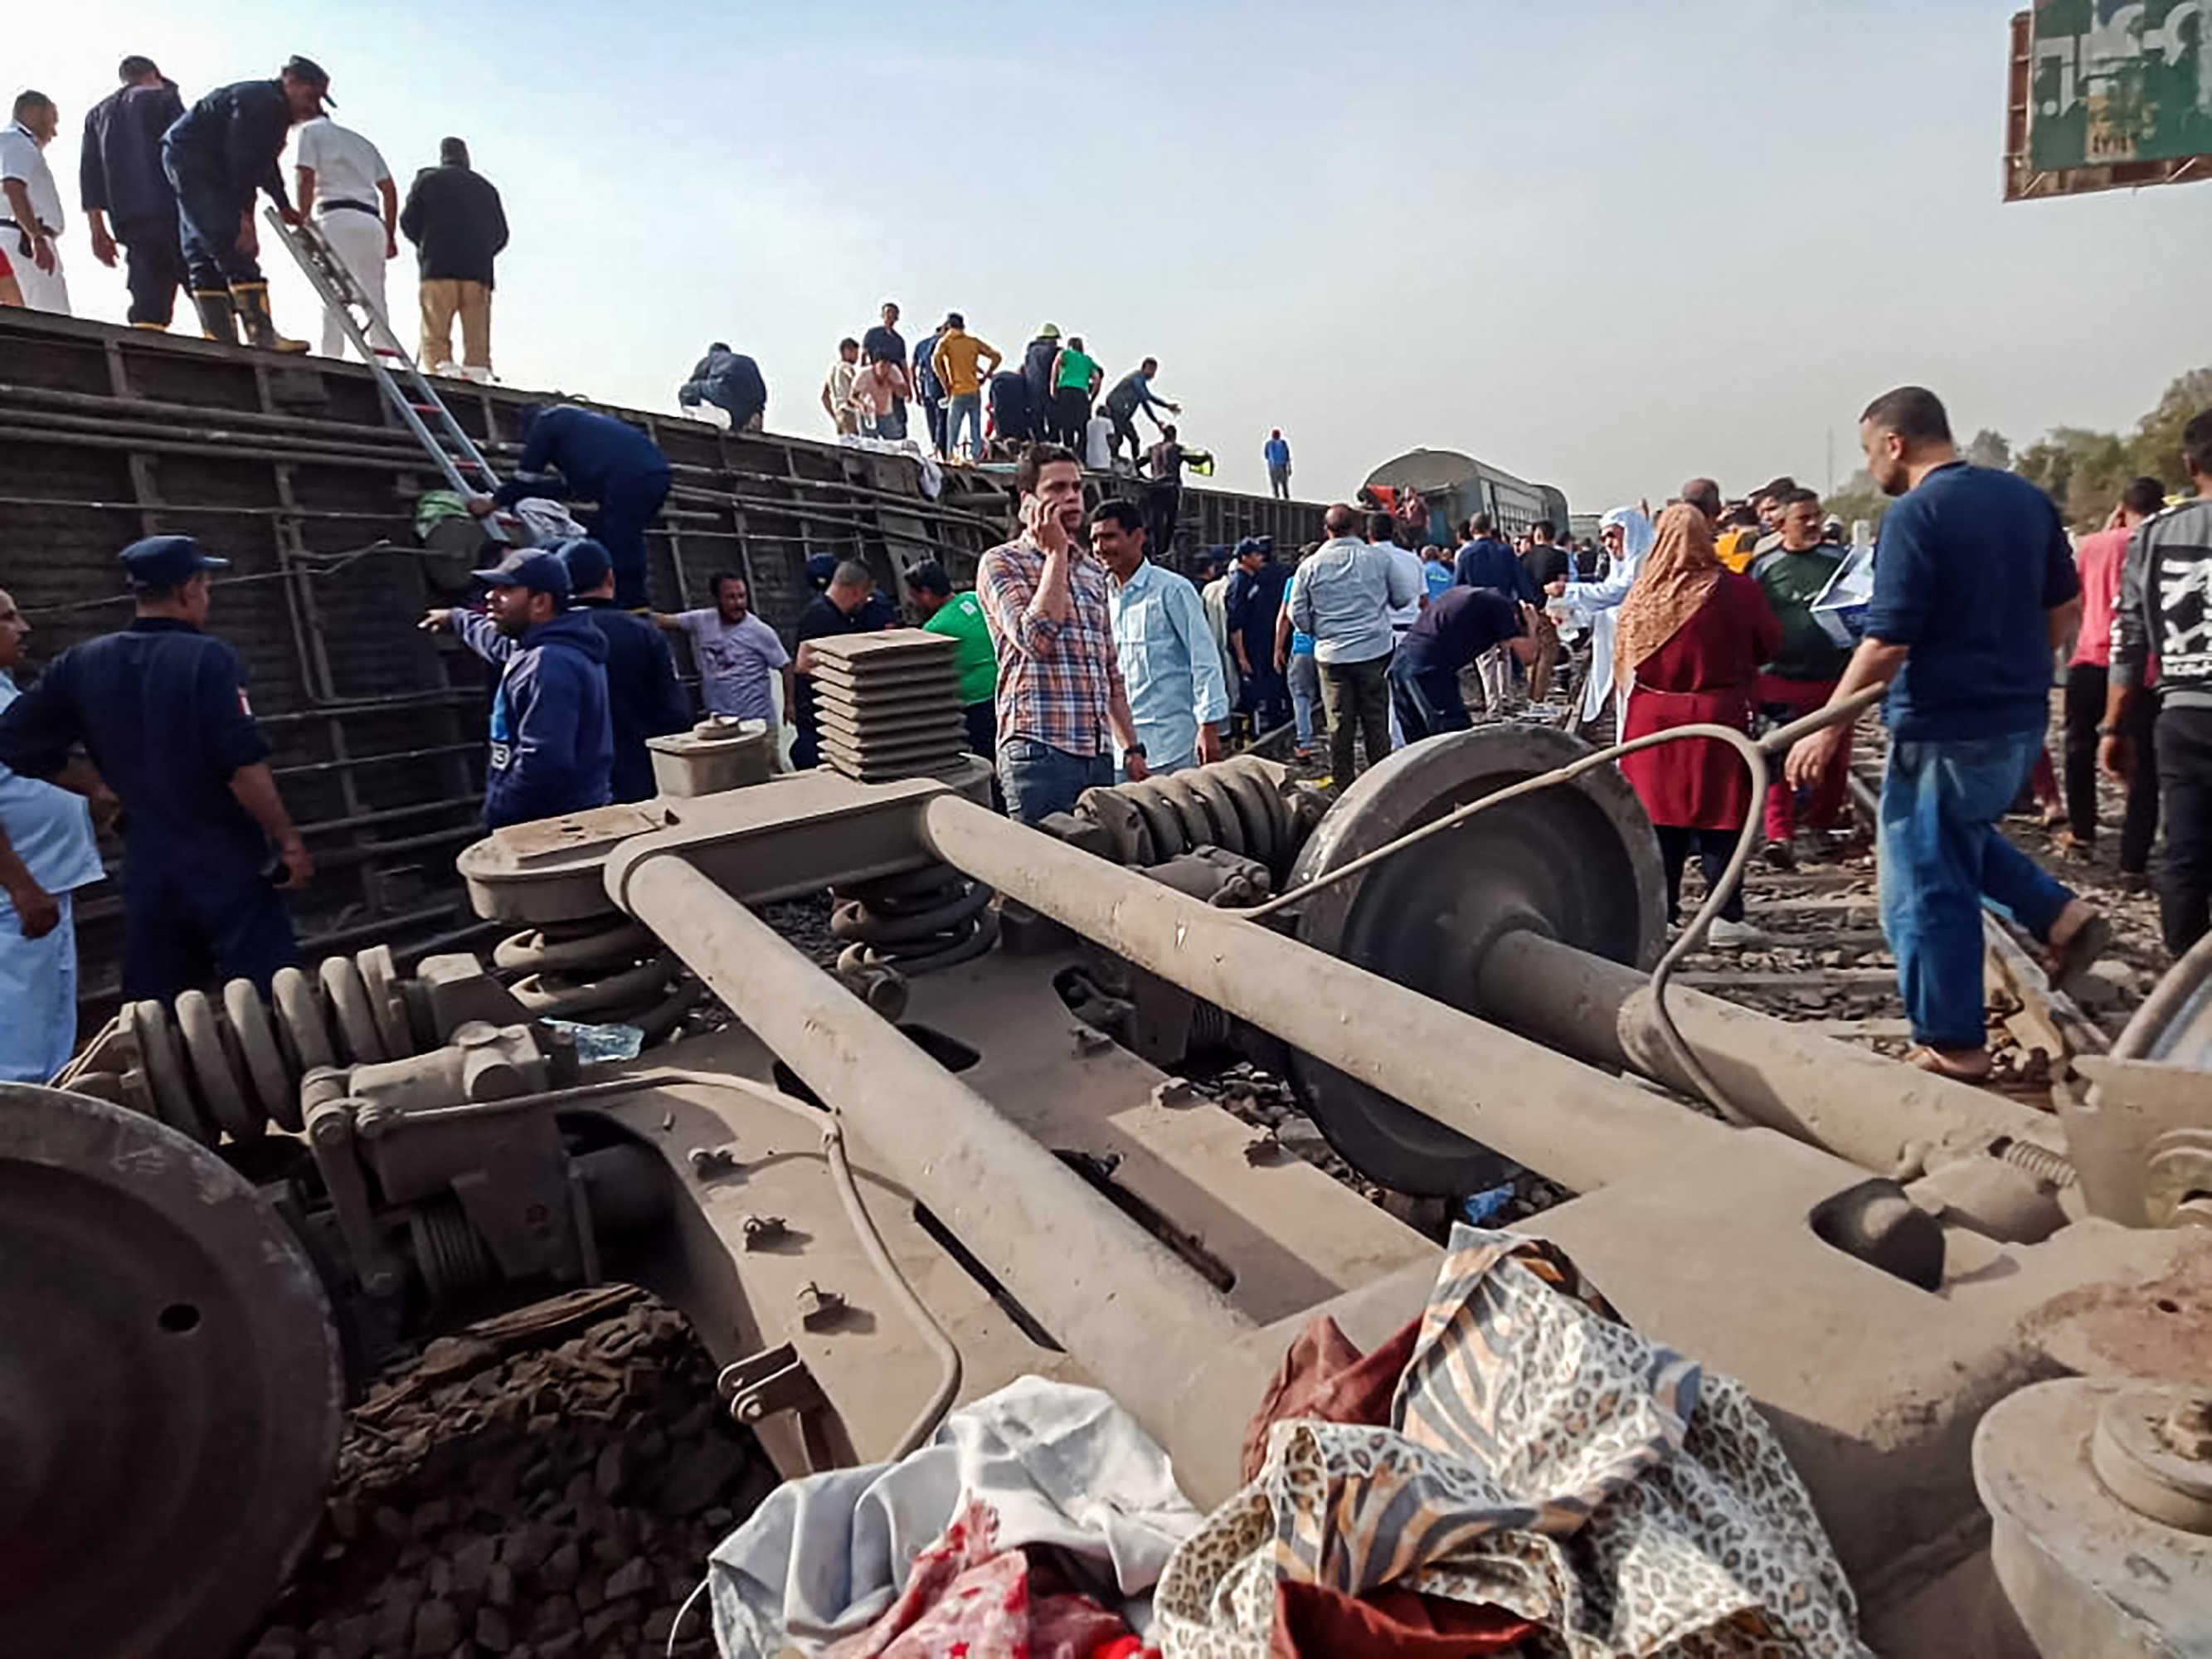 ارتفاع ضحايا انقلاب القطار في مصر  لـ23 قتيلا و139 مصابا